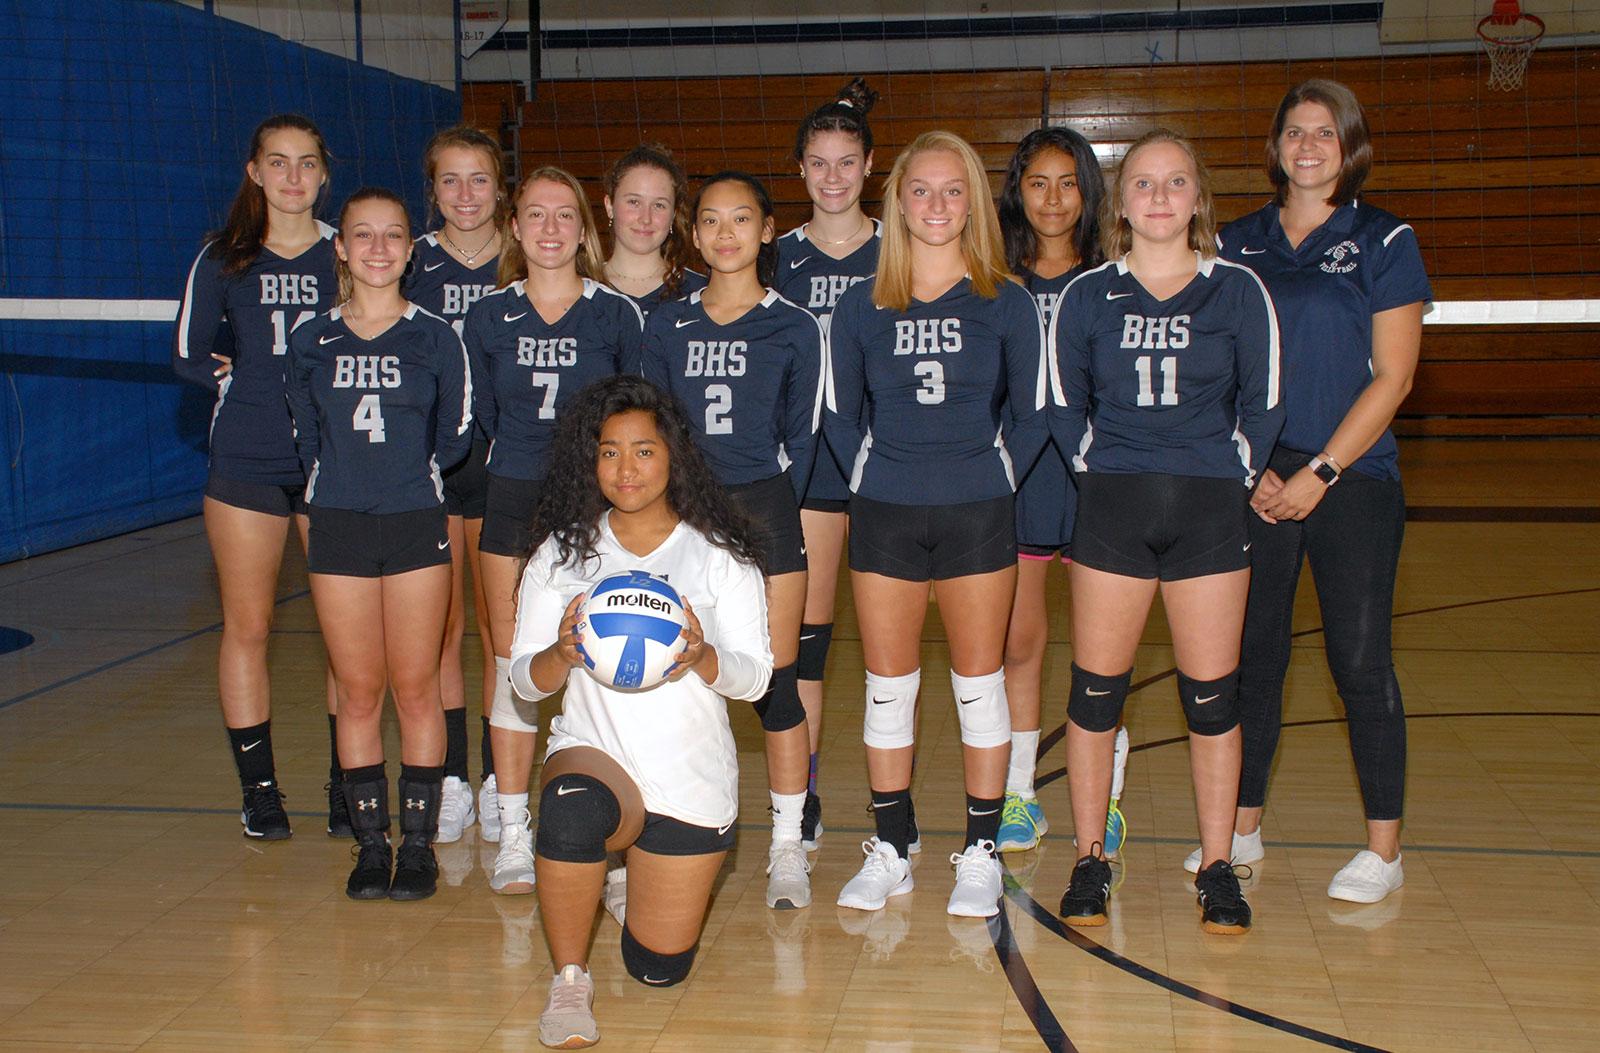 V Girls Volleyball Team